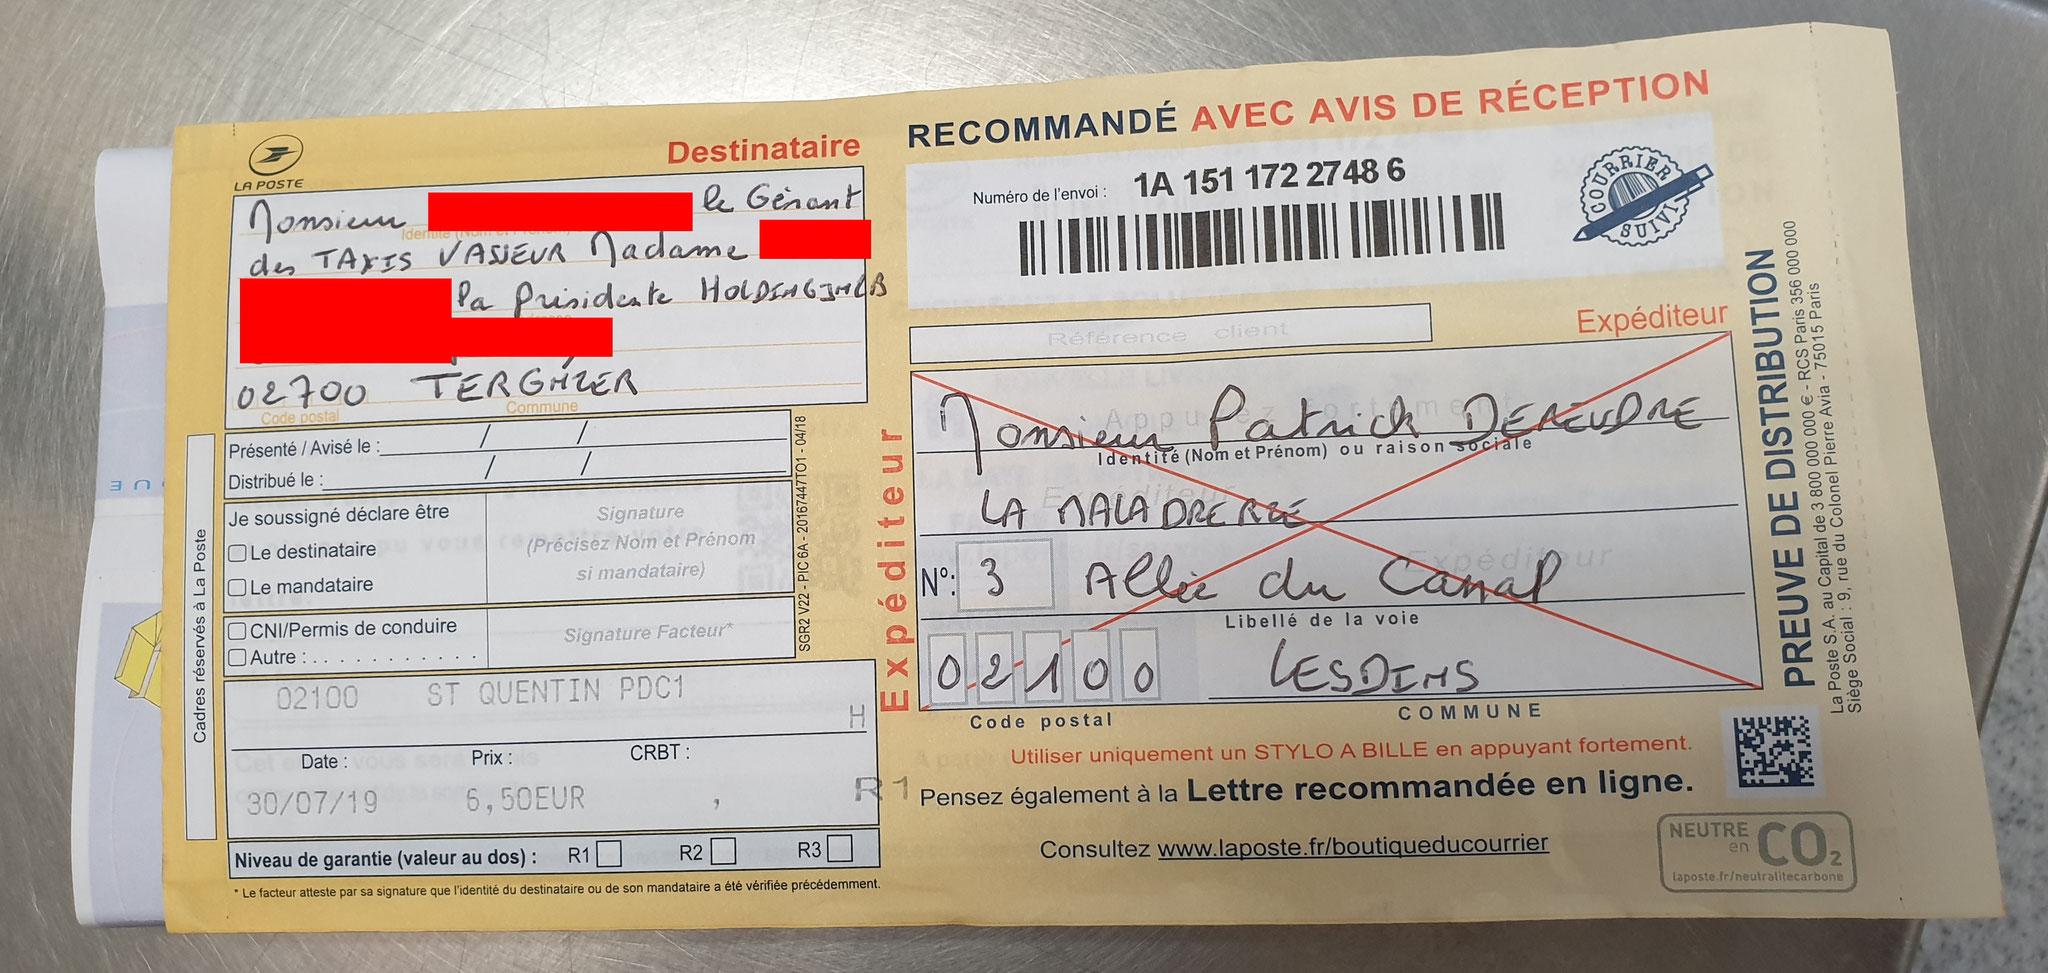 Ma Première lettre recommandée du 30 Juillet 2019 au TAXIS VASSEUR SERVICES & HOLDING JNLB// VIOLENCES & SOUFFRANCES AU TRAVAIL (MOBBING & GANG STAKLING) www.jenesuispasunchien.fr www.jesuisvictime.fr www.jesuispatrick.fr